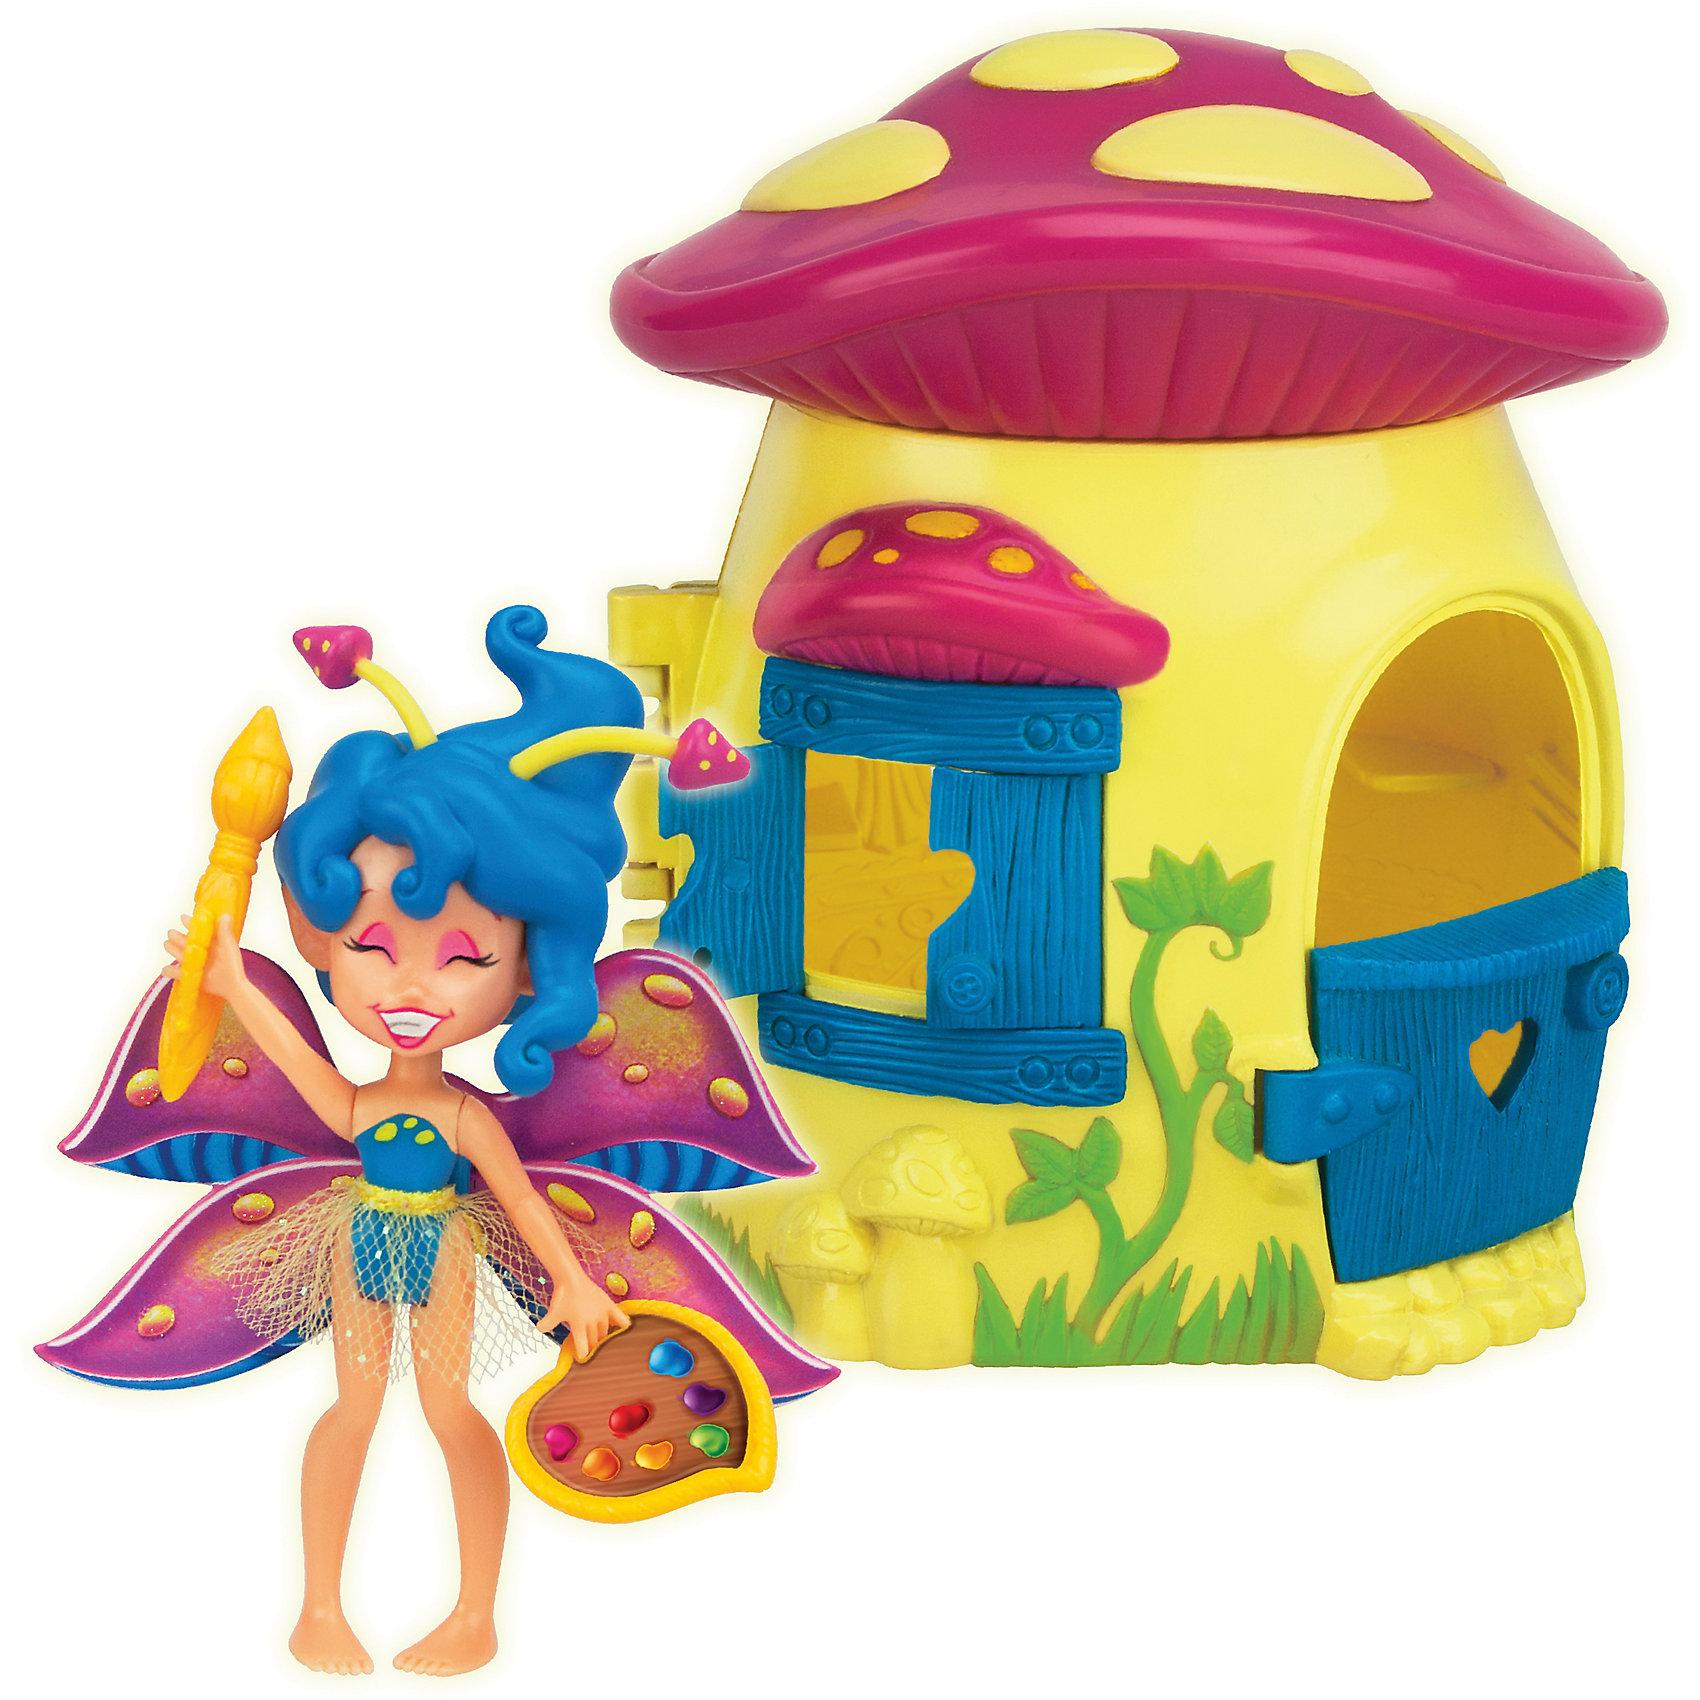 Набор: Фея Спора и лесной домик-гриб, LanardМини-куклы<br>Характеристики товара:<br><br>• возраст: от 4 лет;<br>• материал: пластик;<br>• в комплекте: кукла, домик, аксессуары;<br>• высота куклы: 8,5 см;<br>• размер упаковки: 18,5х17х11 см;<br>• вес упаковки: 240 гр.;<br>• страна производитель: Китай.<br><br>Игровой набор «Фея Спора и лесной домик-гриб» Lanard включает в себя сказочную фею, которая живет в прекрасном волшебном саду. Спора любит рисовать, поэтому у нее всегда с собой кисть и краски. Фея одета в платье с блестящей юбкой, а за спиной у нее необычные разноцветные крылышки.<br><br>Живет фея в ярком домике в форме грибочка, у которого открывается дверь и ставни на окнах. У куклы подвижные голова, ручки и ножки. Игра с очаровательной феей станет для девочки увлекательным процессом, который поспособствует развитию воображения и фантазии. <br><br>Игровой набор «Фея Спора и лесной домик-гриб» Lanard можно приобрести в нашем интернет-магазине.<br><br>Ширина мм: 165<br>Глубина мм: 177<br>Высота мм: 100<br>Вес г: 289<br>Возраст от месяцев: 36<br>Возраст до месяцев: 2147483647<br>Пол: Женский<br>Возраст: Детский<br>SKU: 5485122